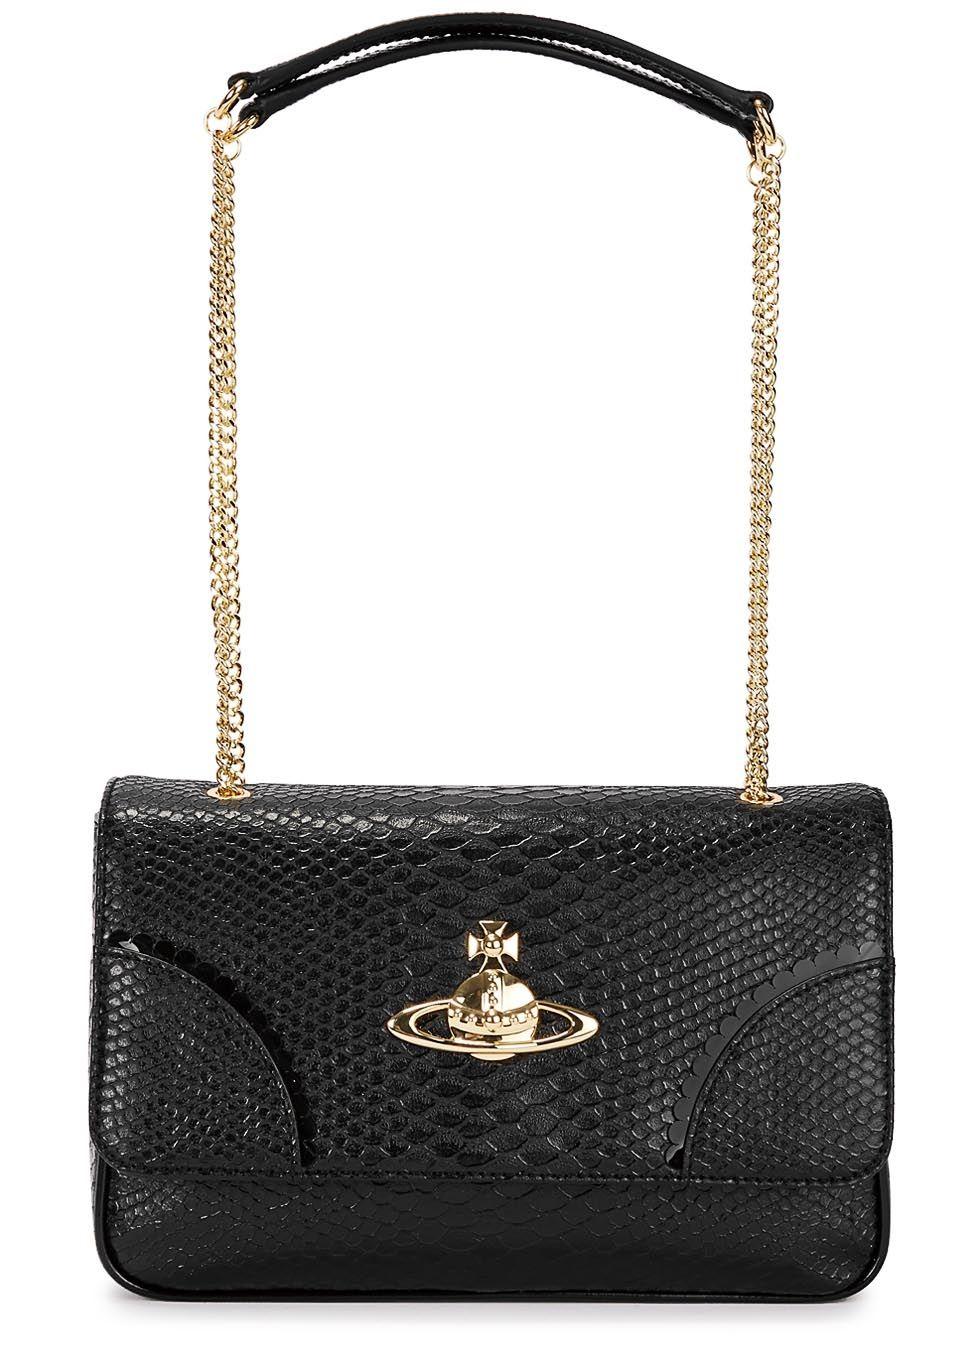 d2b76ff5 Vivienne Westwood black faux leather shoulder bag Two chain ...